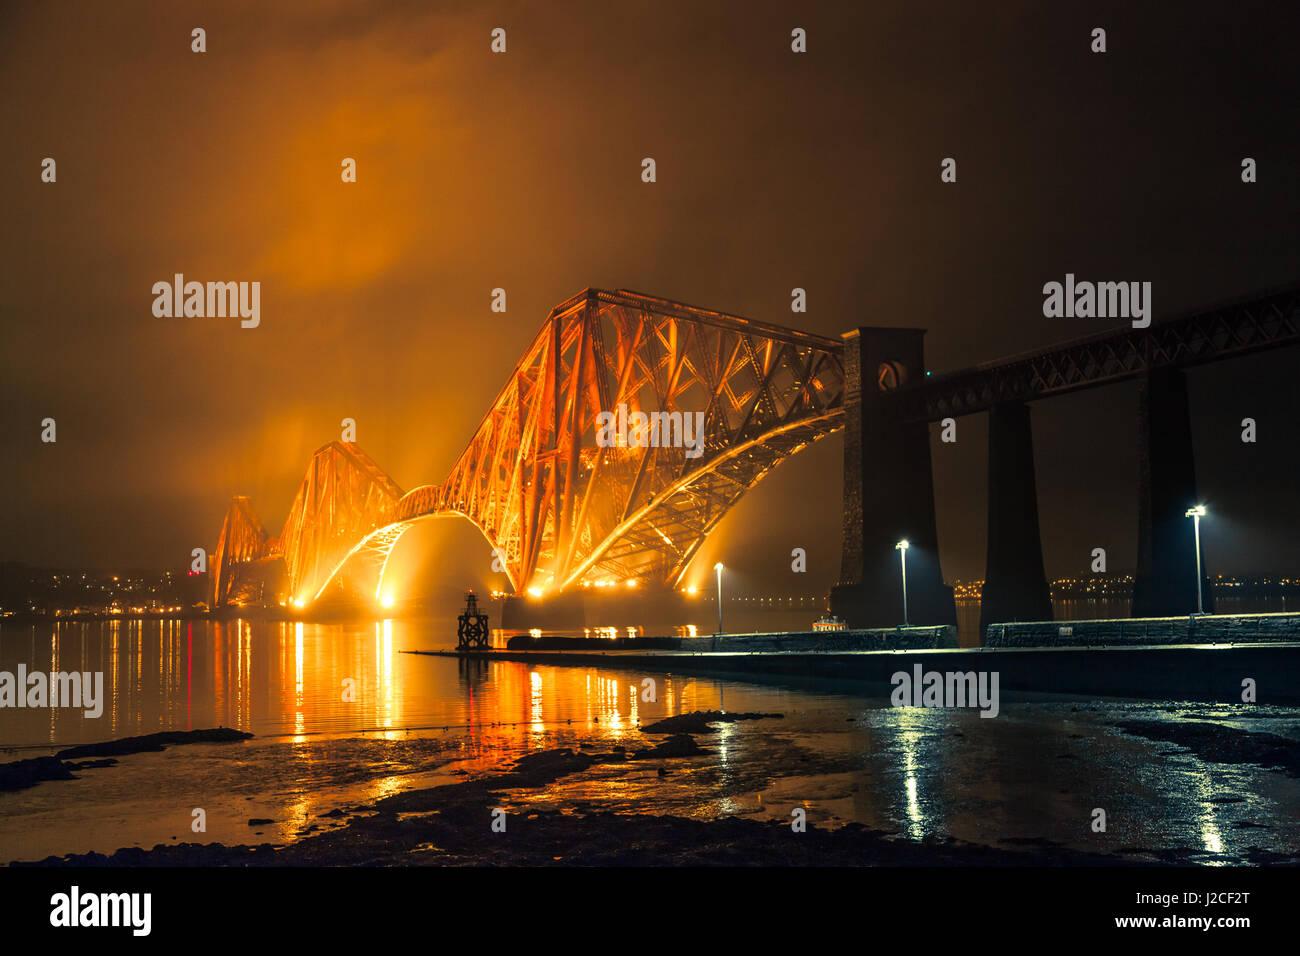 Die Forth Rail Bridge beleuchtet nachts. Goldenen Licht den Himmel oben. South Queensferry, Edinburgh, Schottland Stockbild